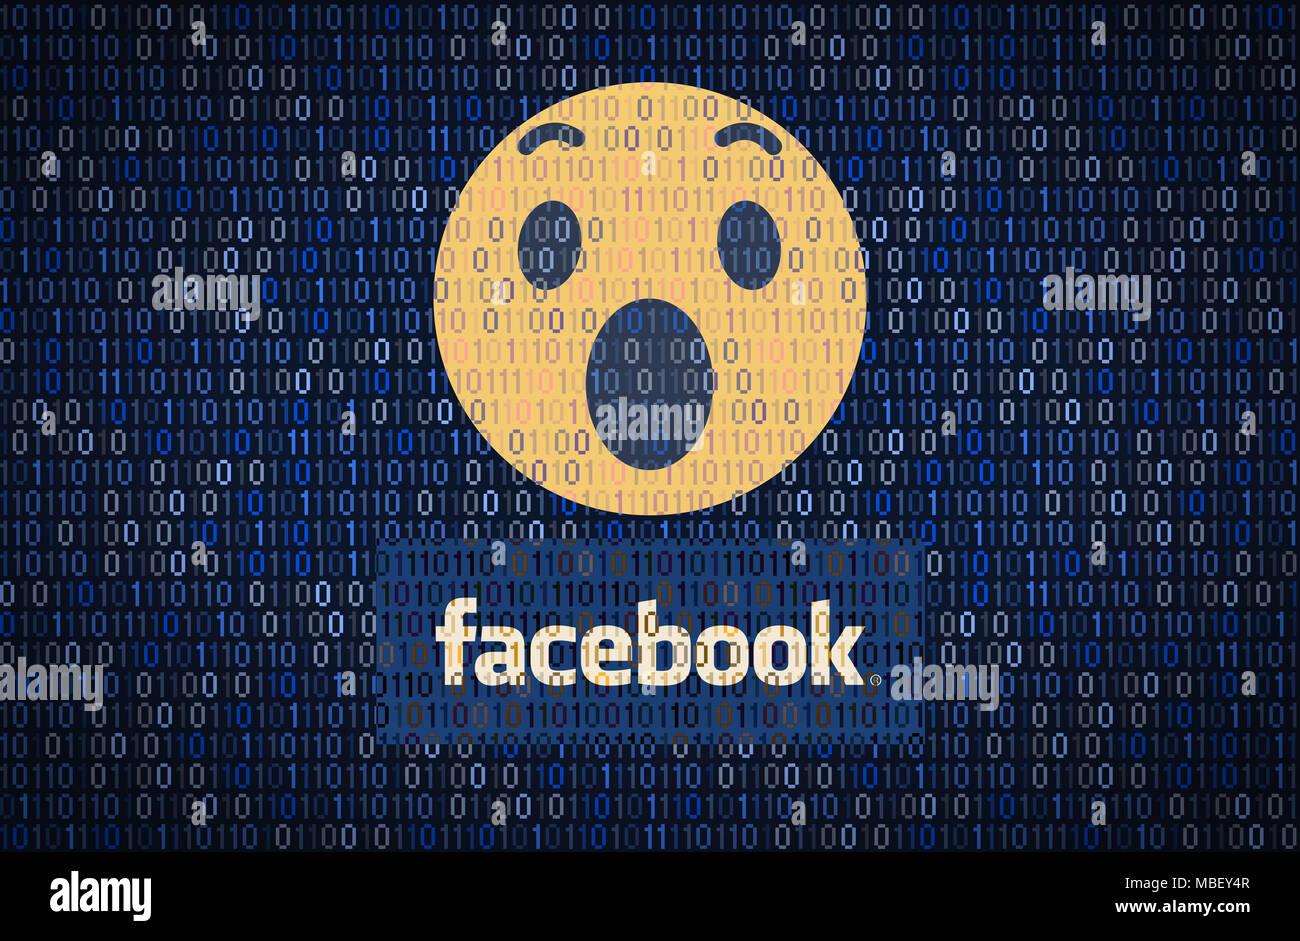 GALATI, Romania - 10 Aprile 2018: dati Facebook i problemi di sicurezza e privacy. Dati concetto di crittografia Immagini Stock